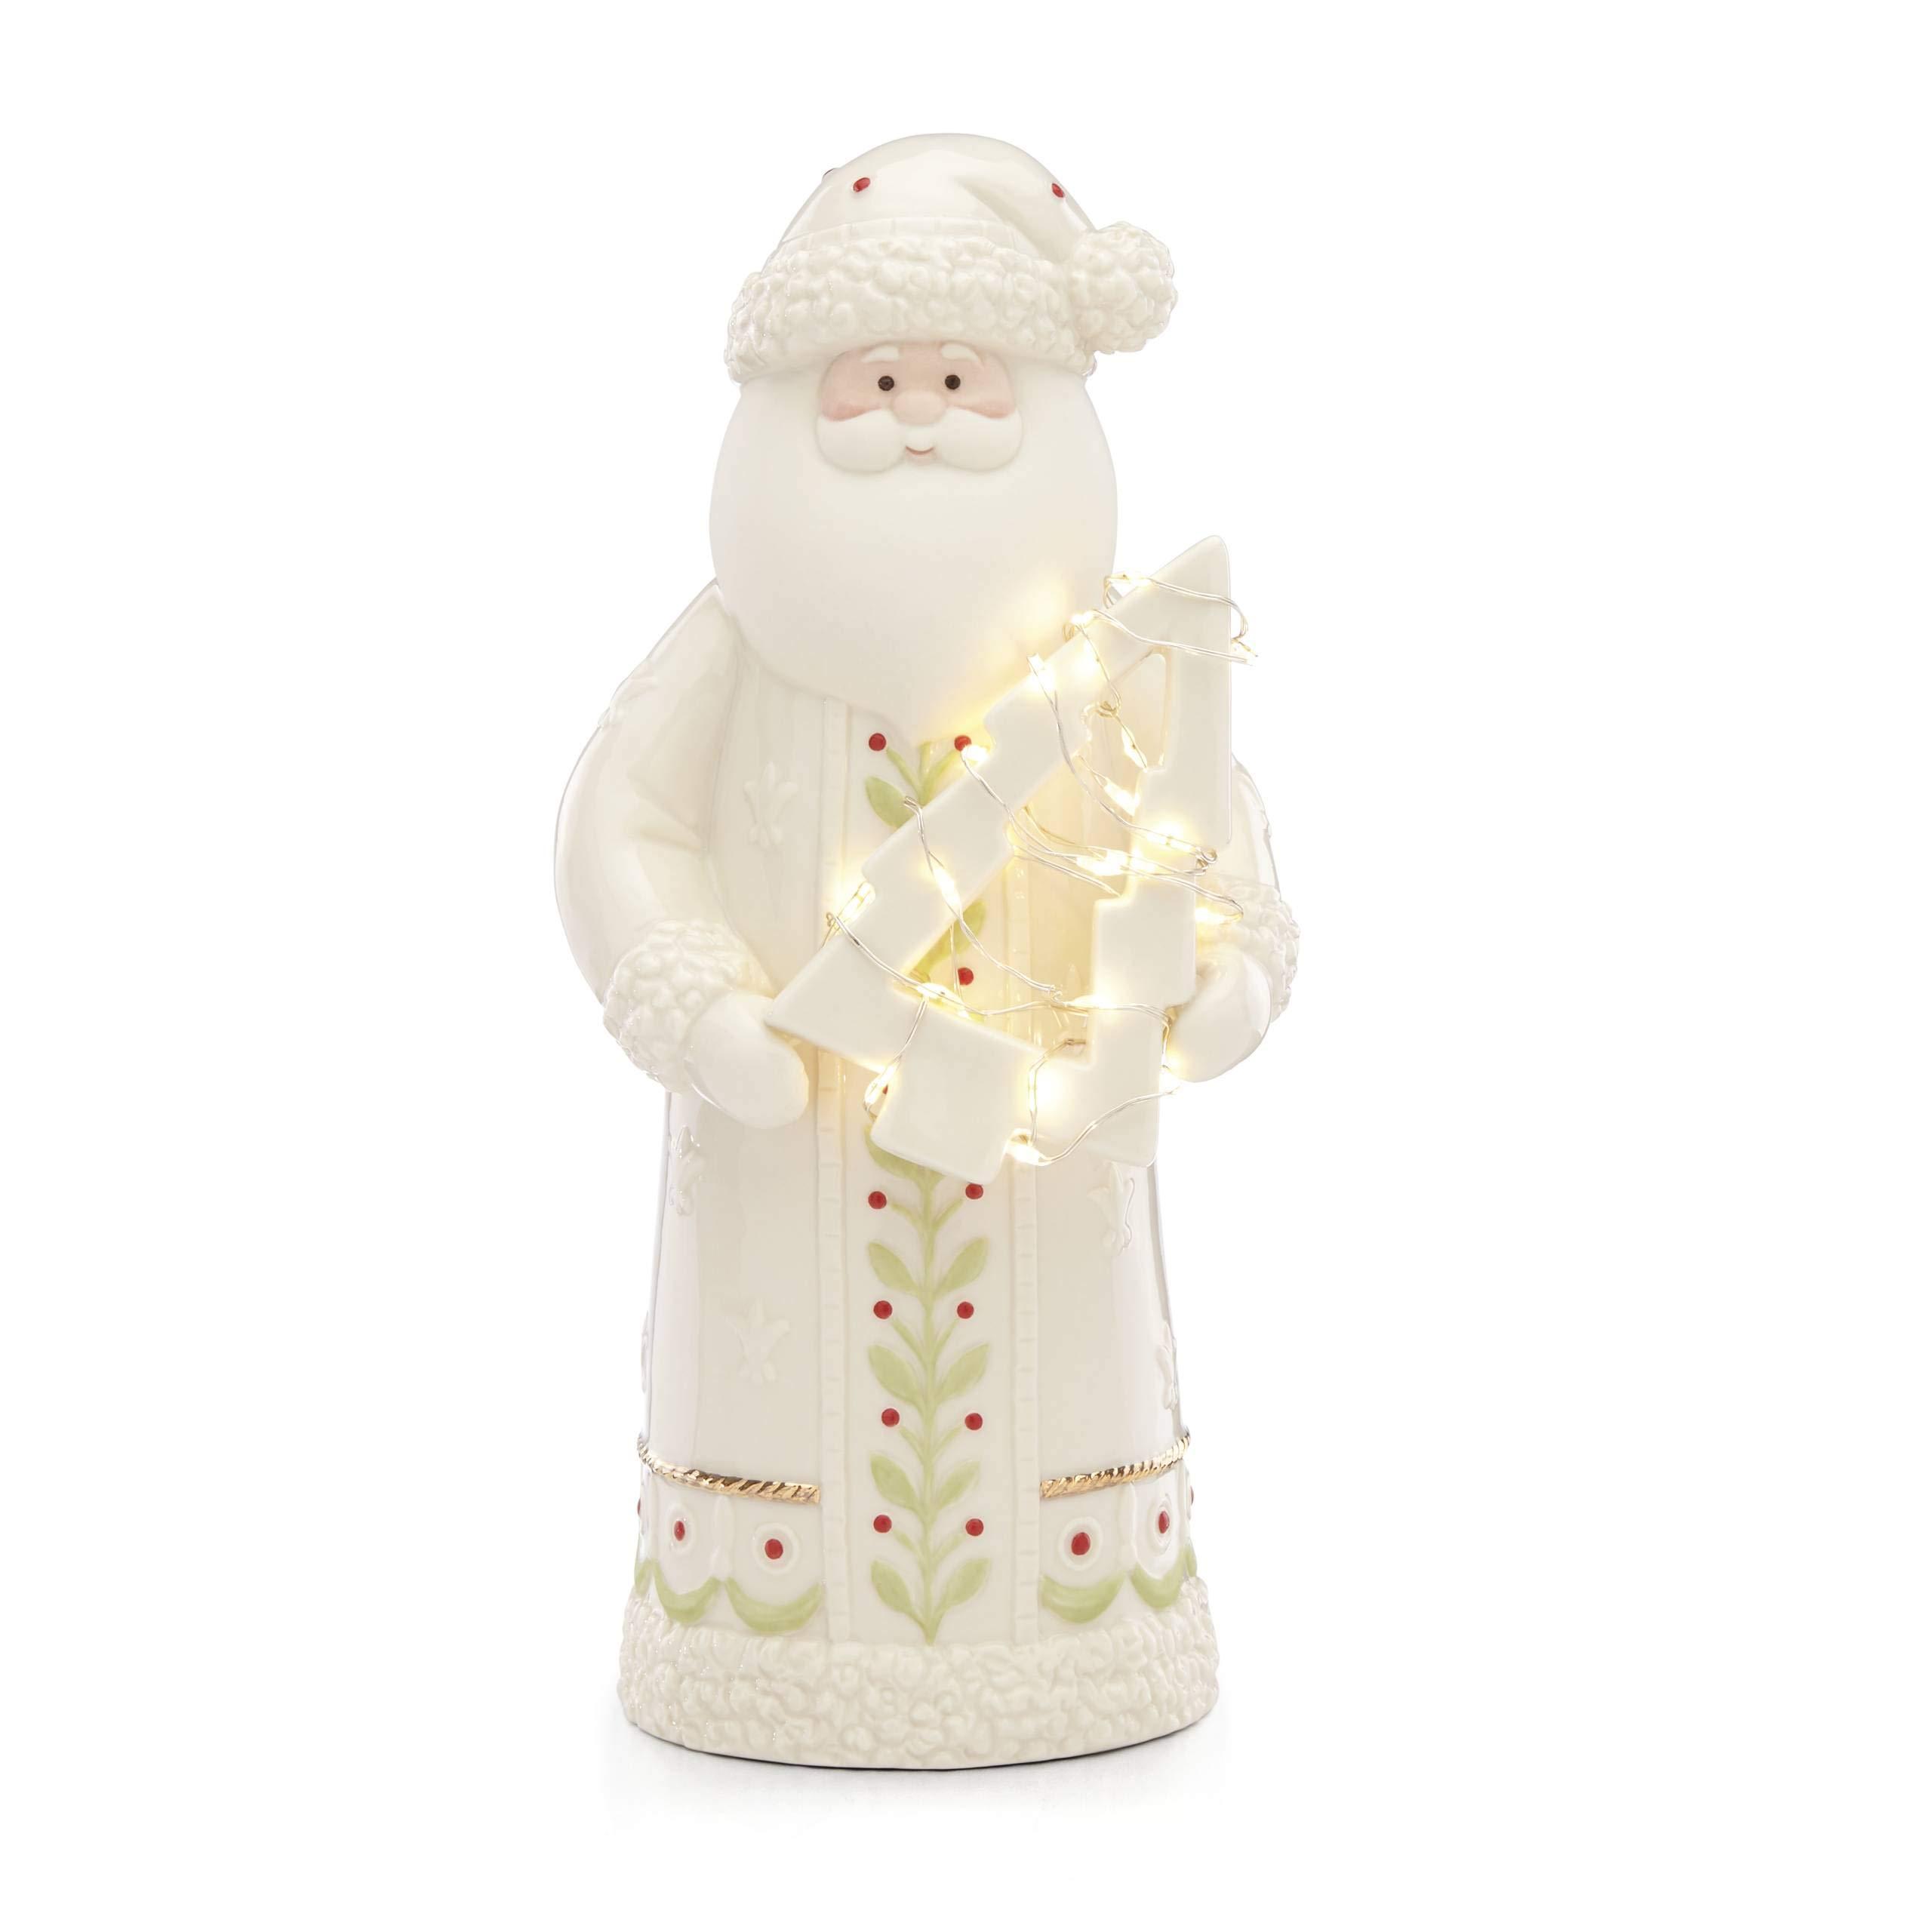 Image of Lenox Lighted Santa Figurine